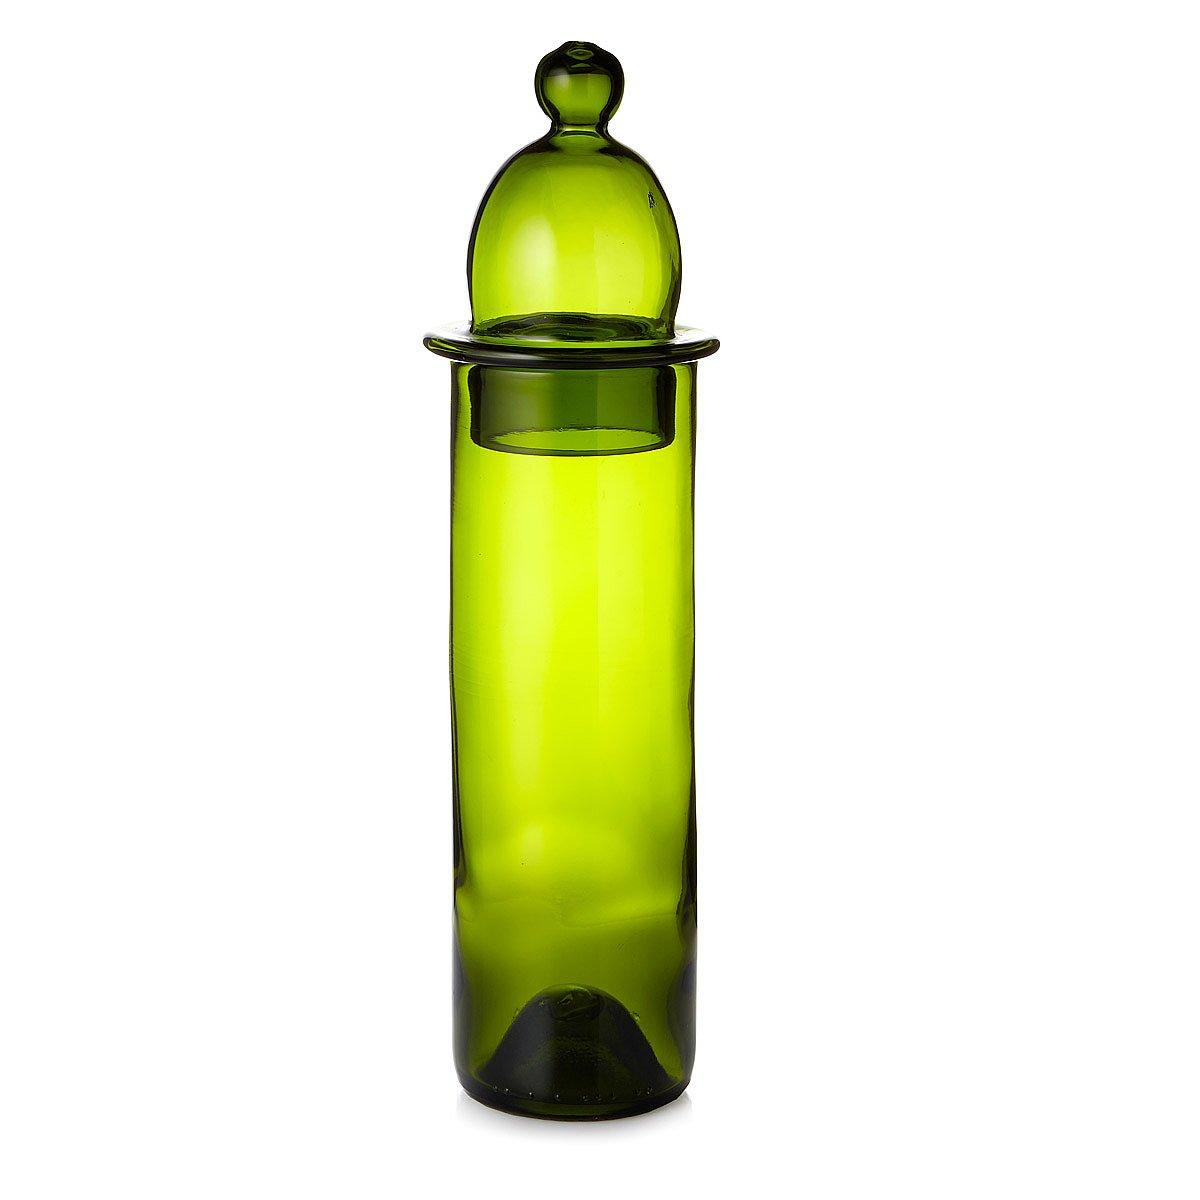 Recycled Wine Bottle Carafe | upcycled | UncommonGoods